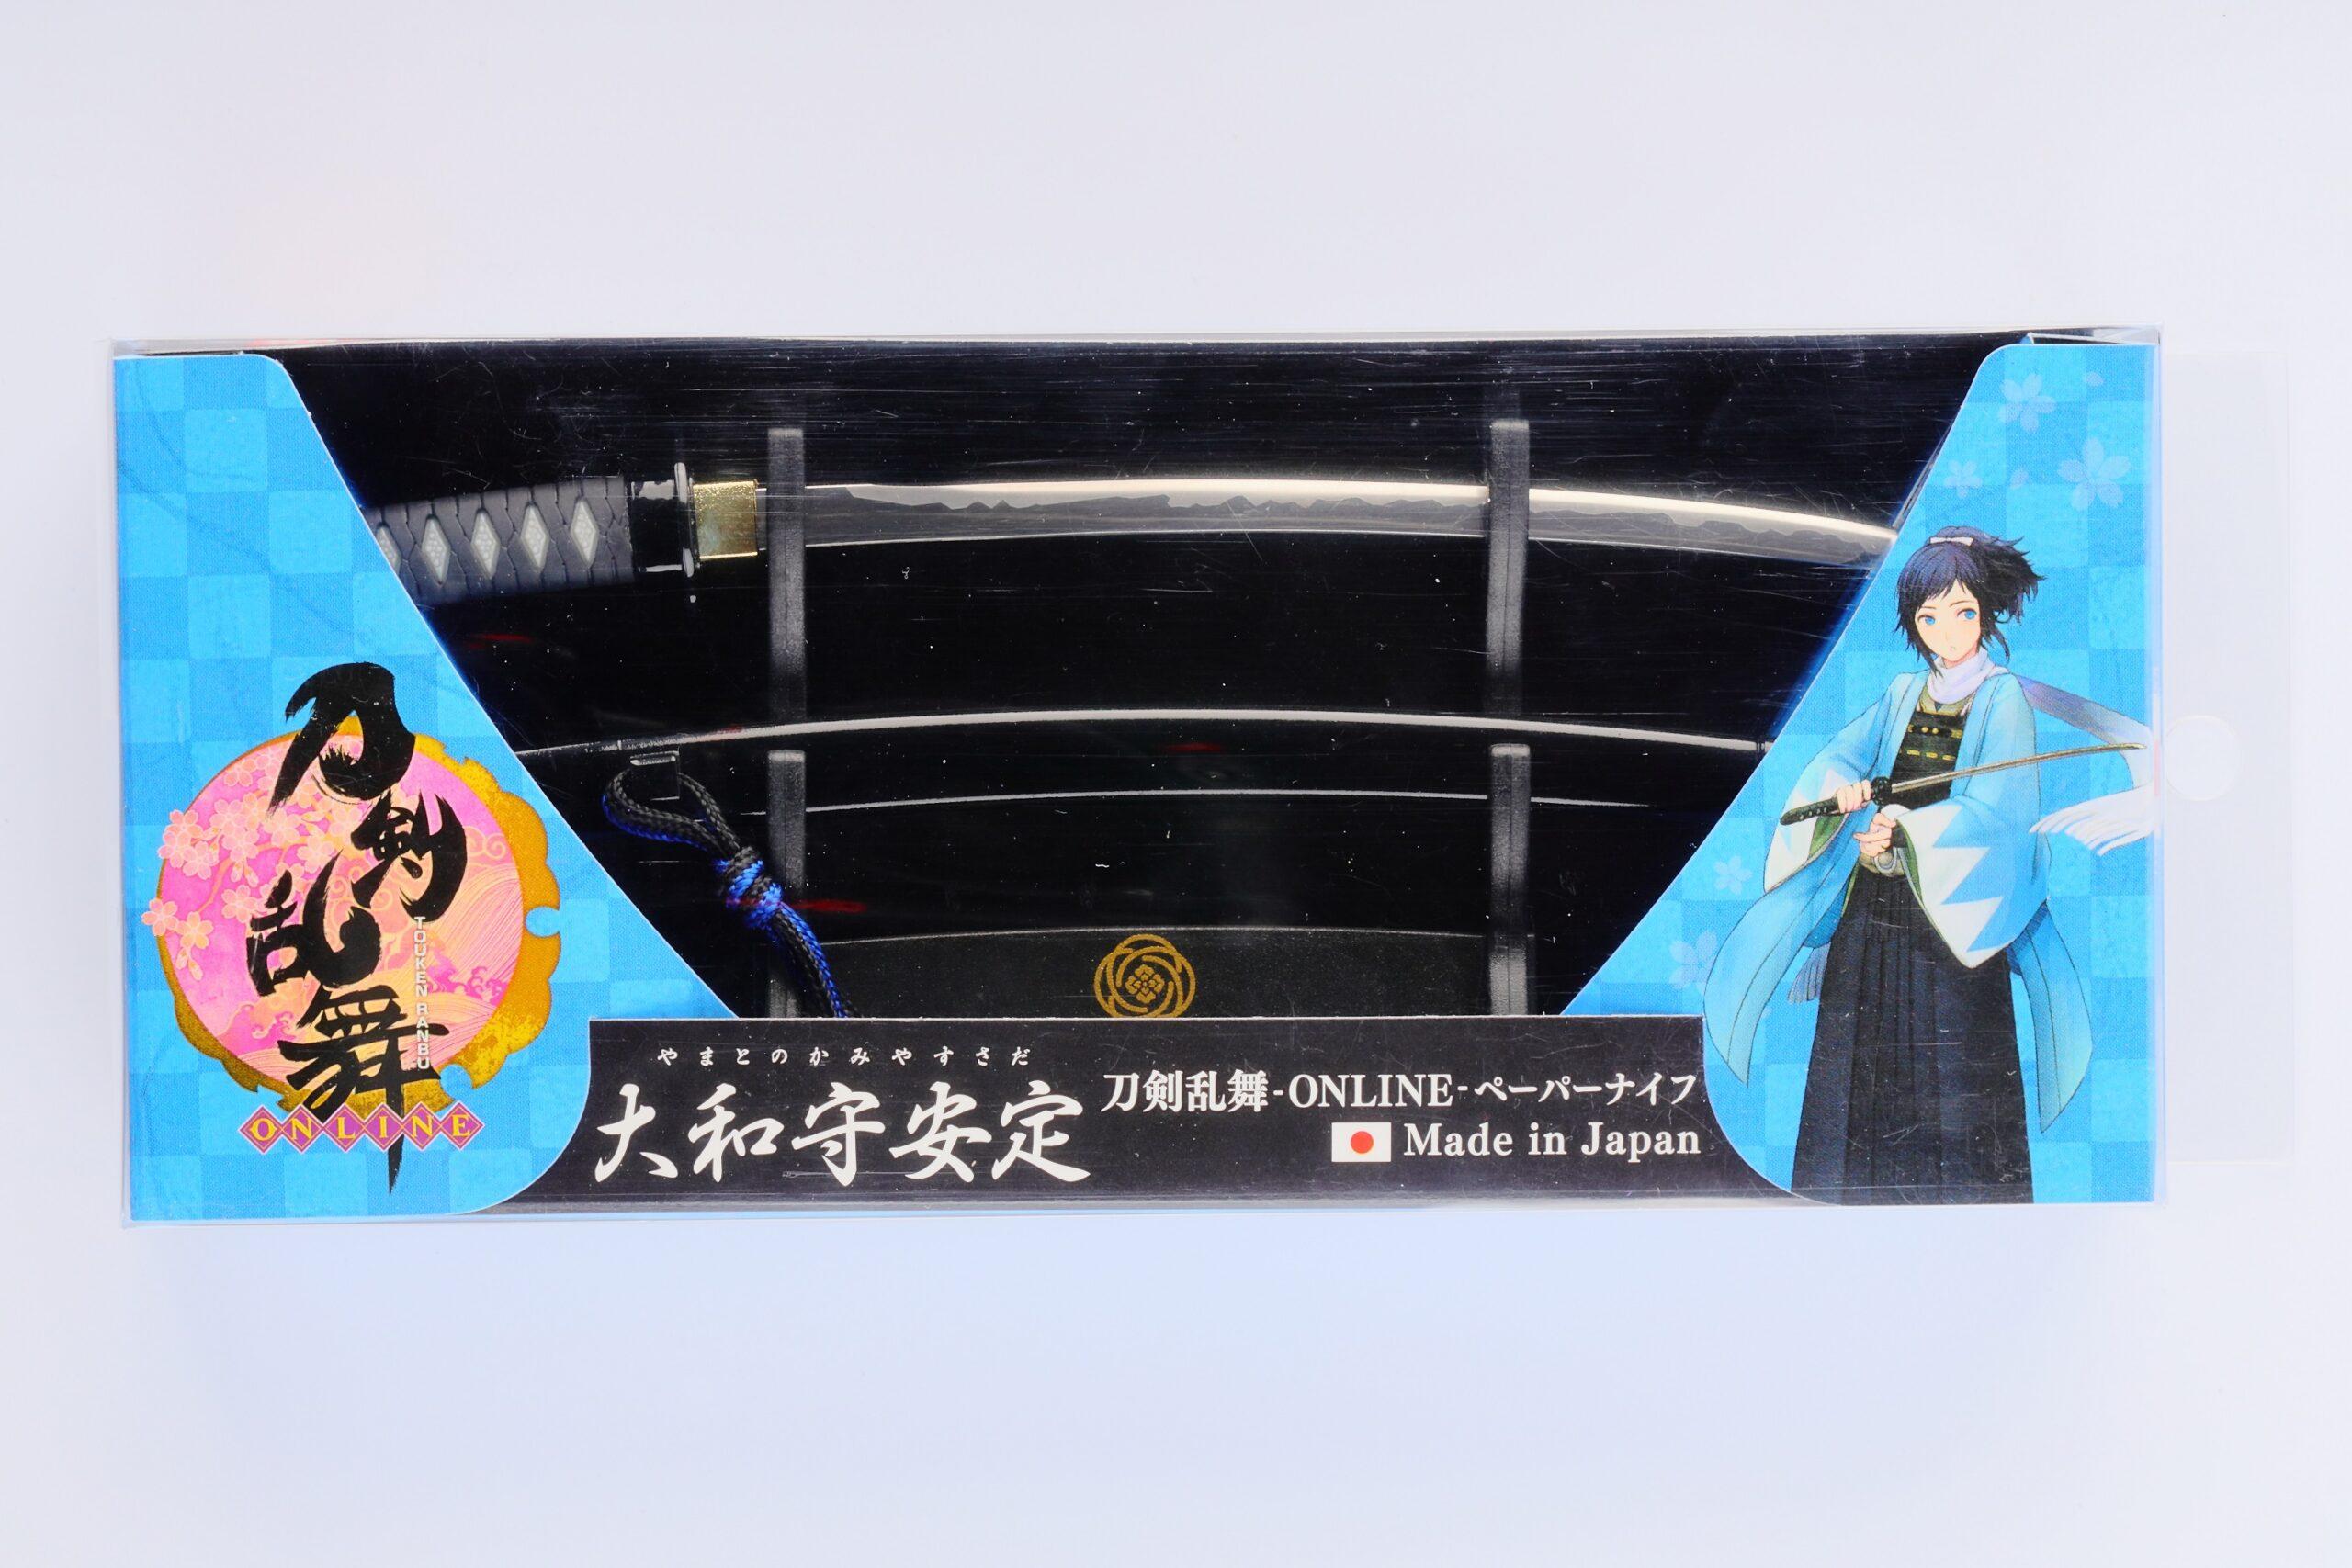 刀剣乱舞-ONLINE-ペーパーナイフ大和守安定モデル